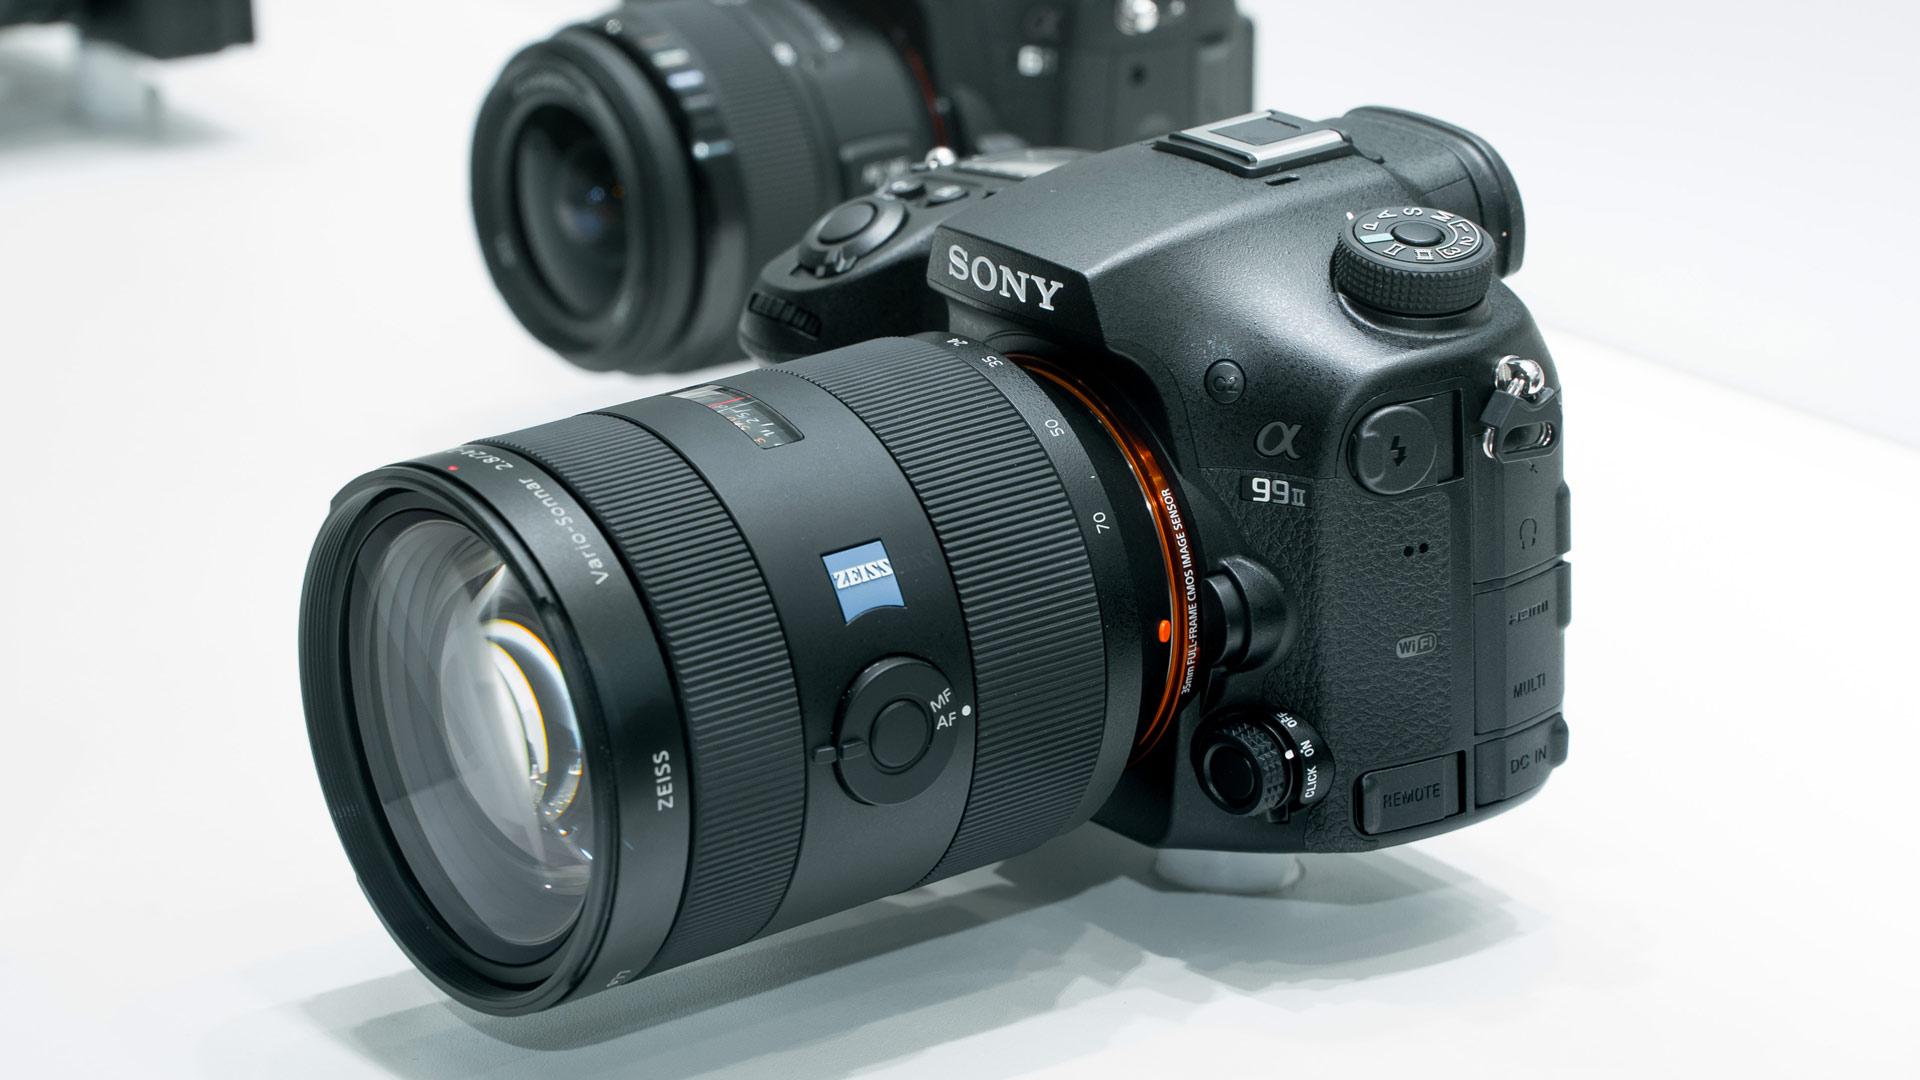 Sony ngầm khai tử máy ảnh DSLT ngàm A